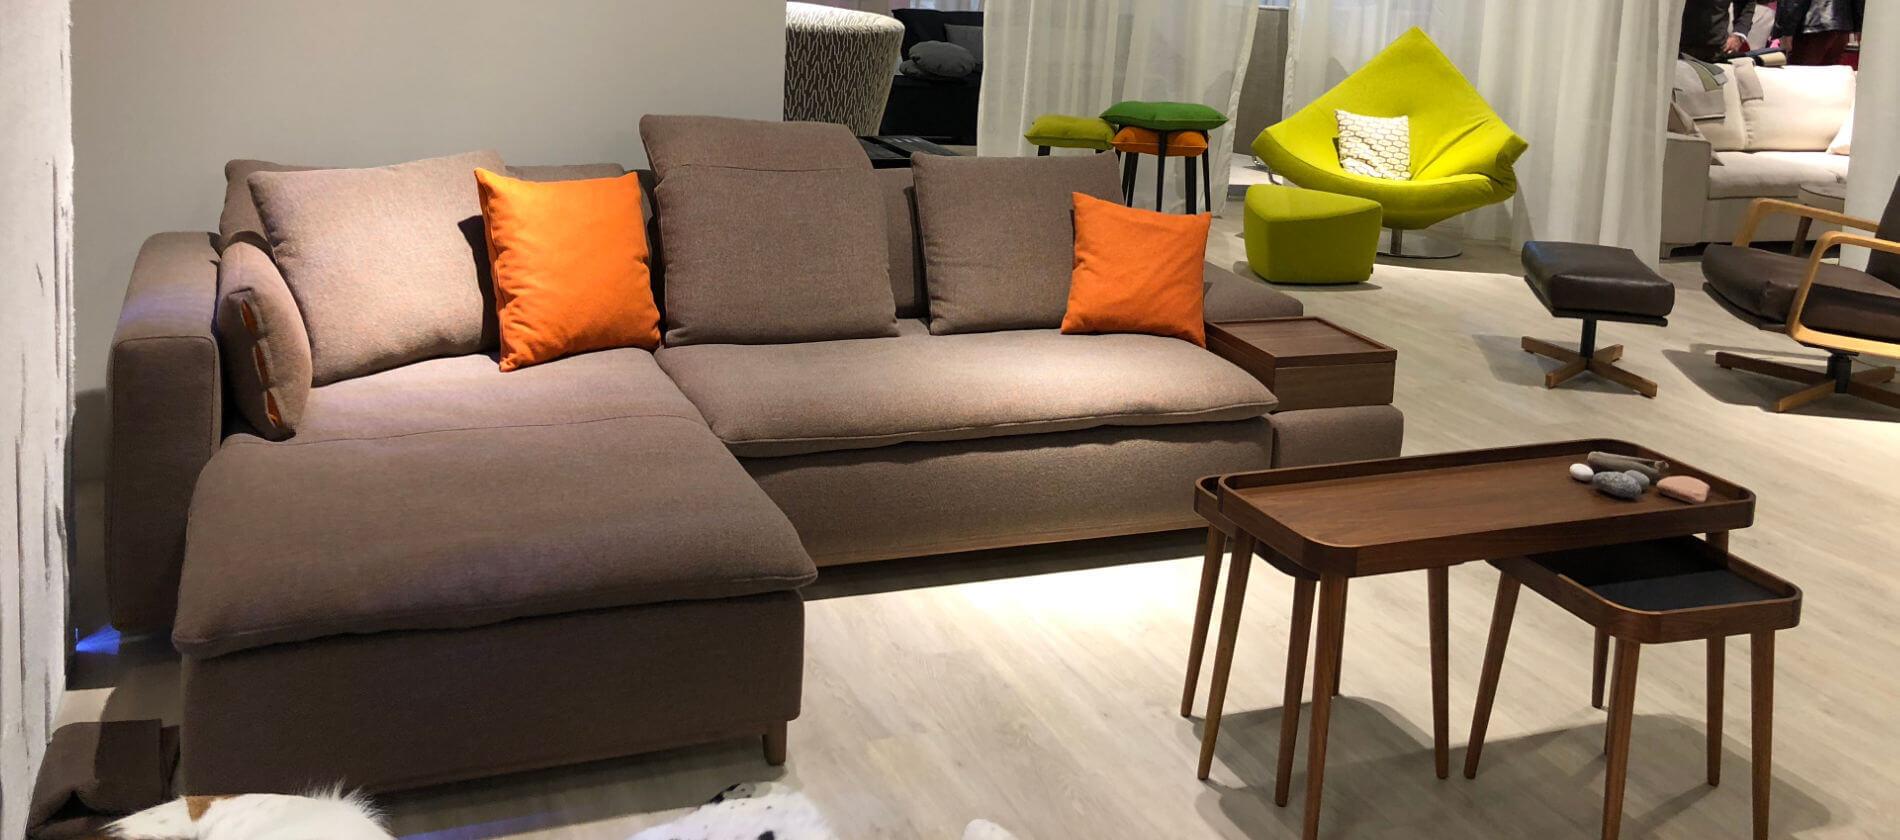 signet sofas 2018 highlights der imm 2018 in koeln. Black Bedroom Furniture Sets. Home Design Ideas